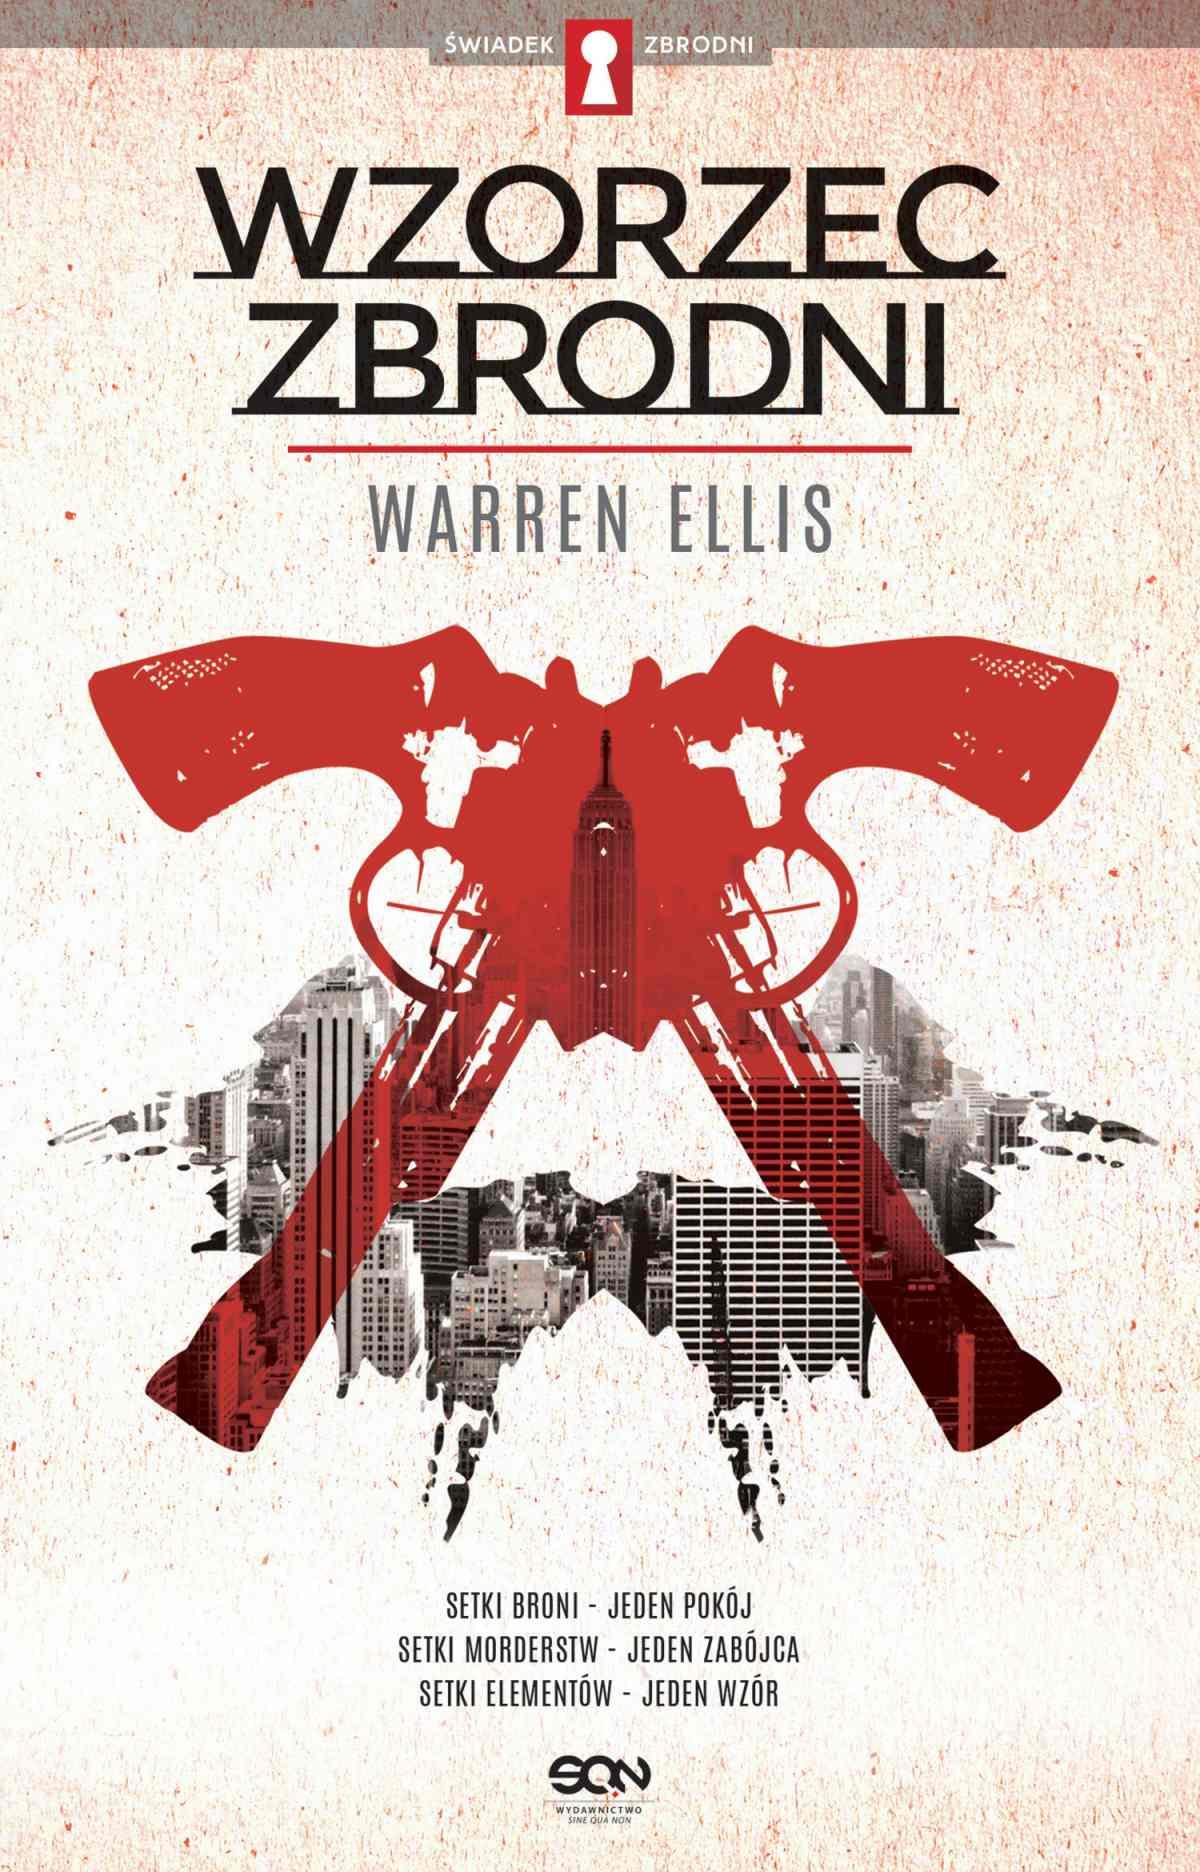 Wzorzec zbrodni - Ebook (Książka EPUB) do pobrania w formacie EPUB